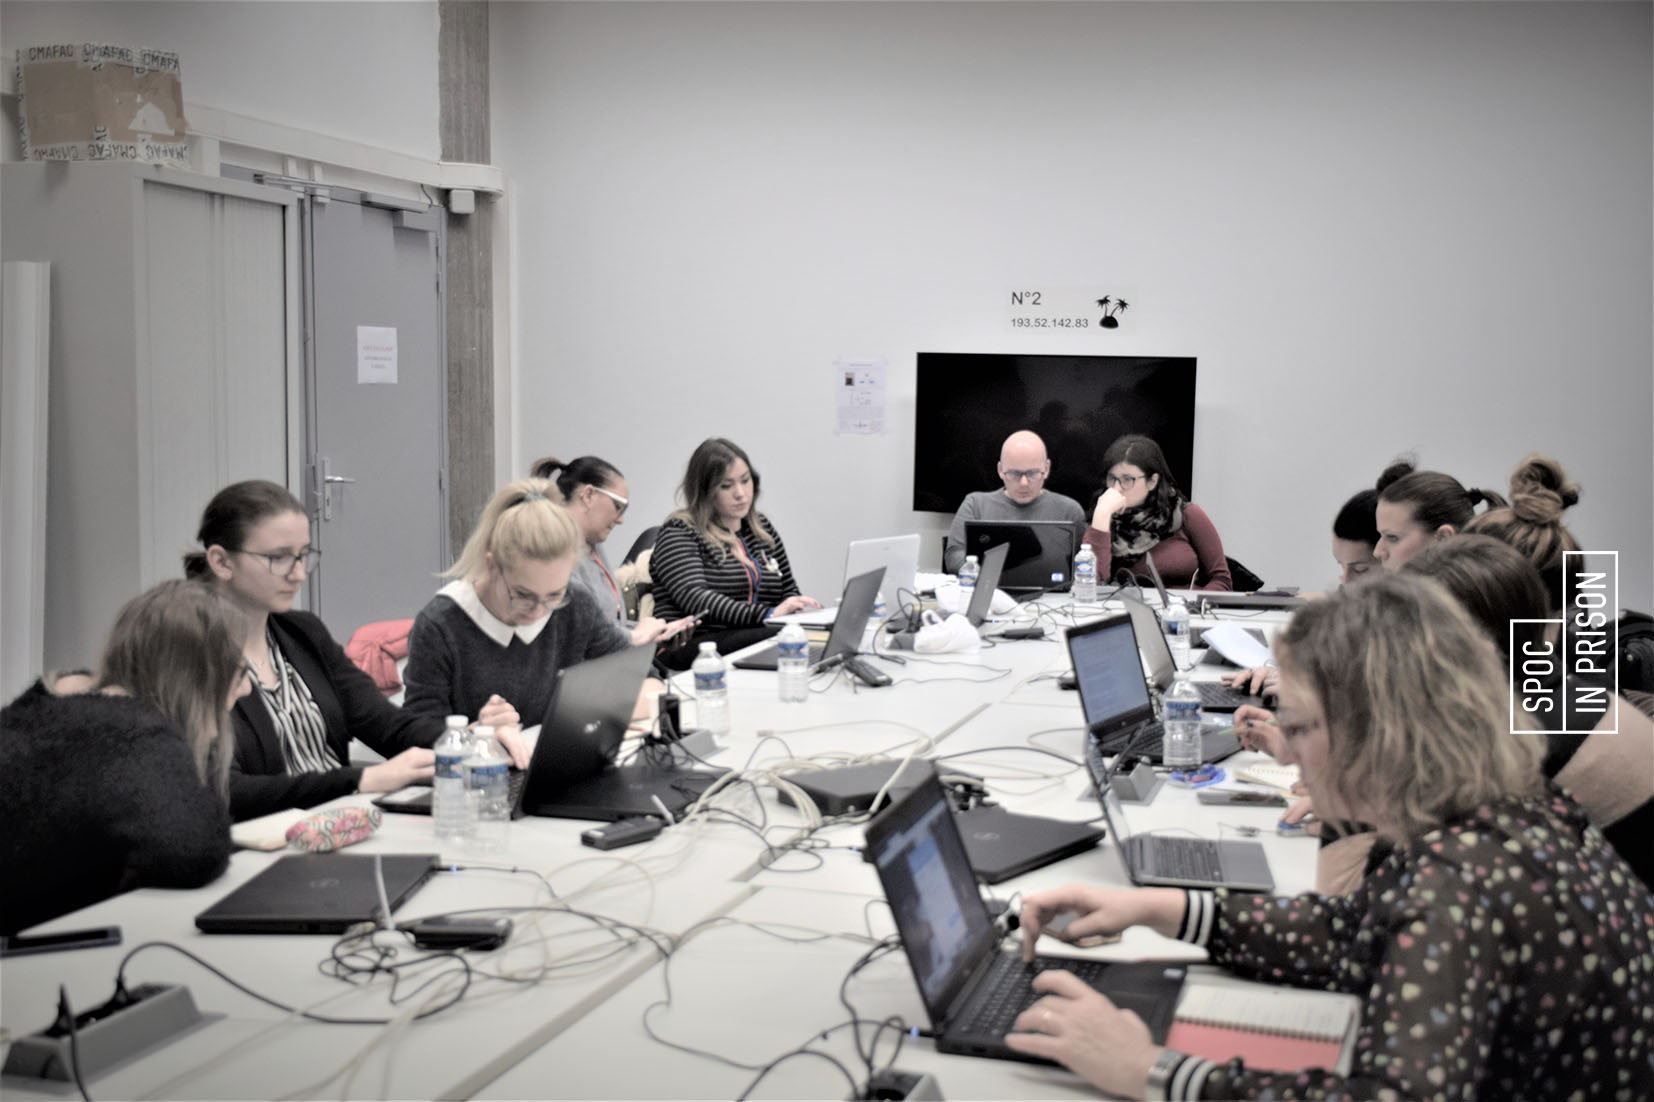 Course Image Erasmus SPOC training activity participants